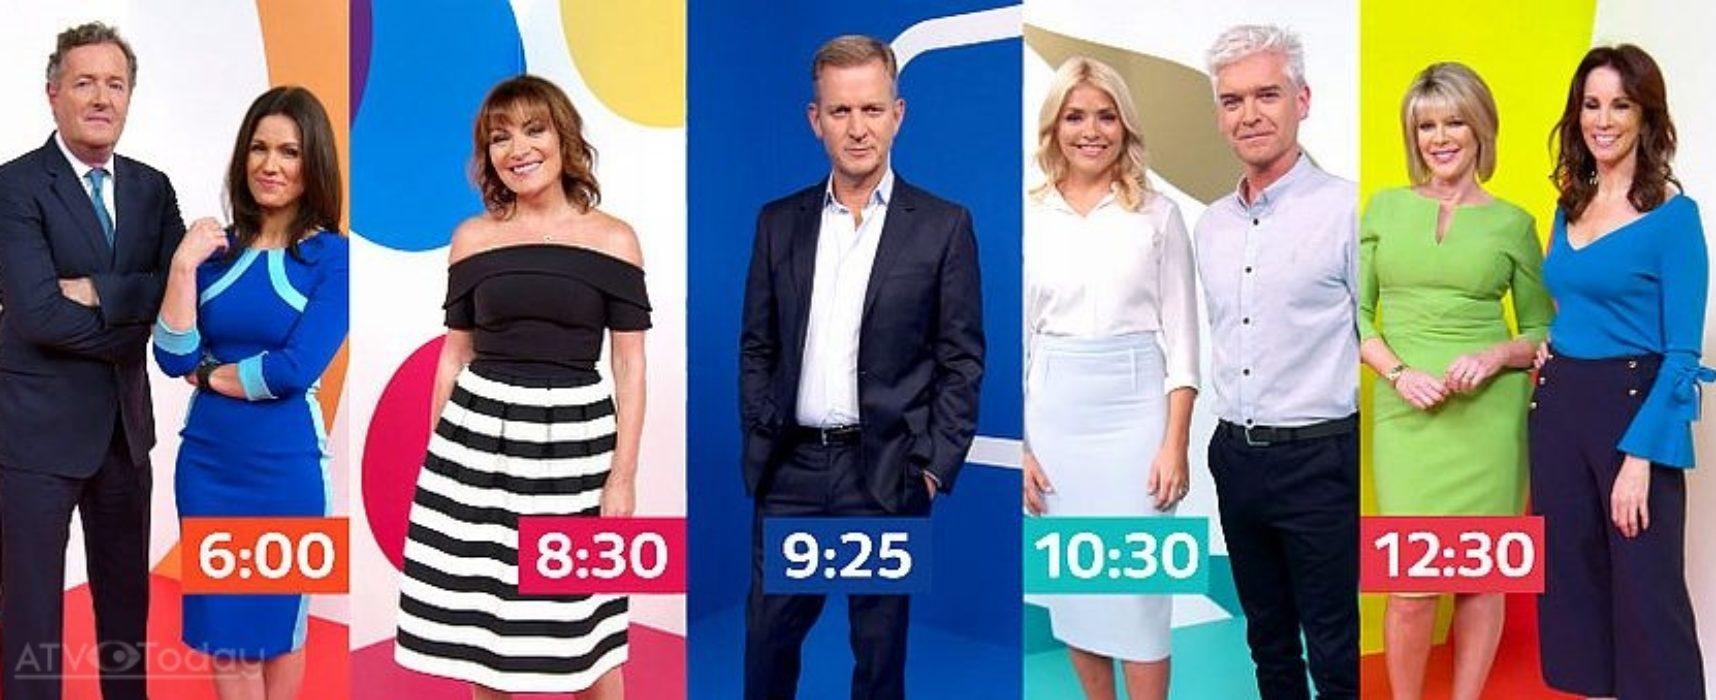 ITV releases new daytime programming trailer